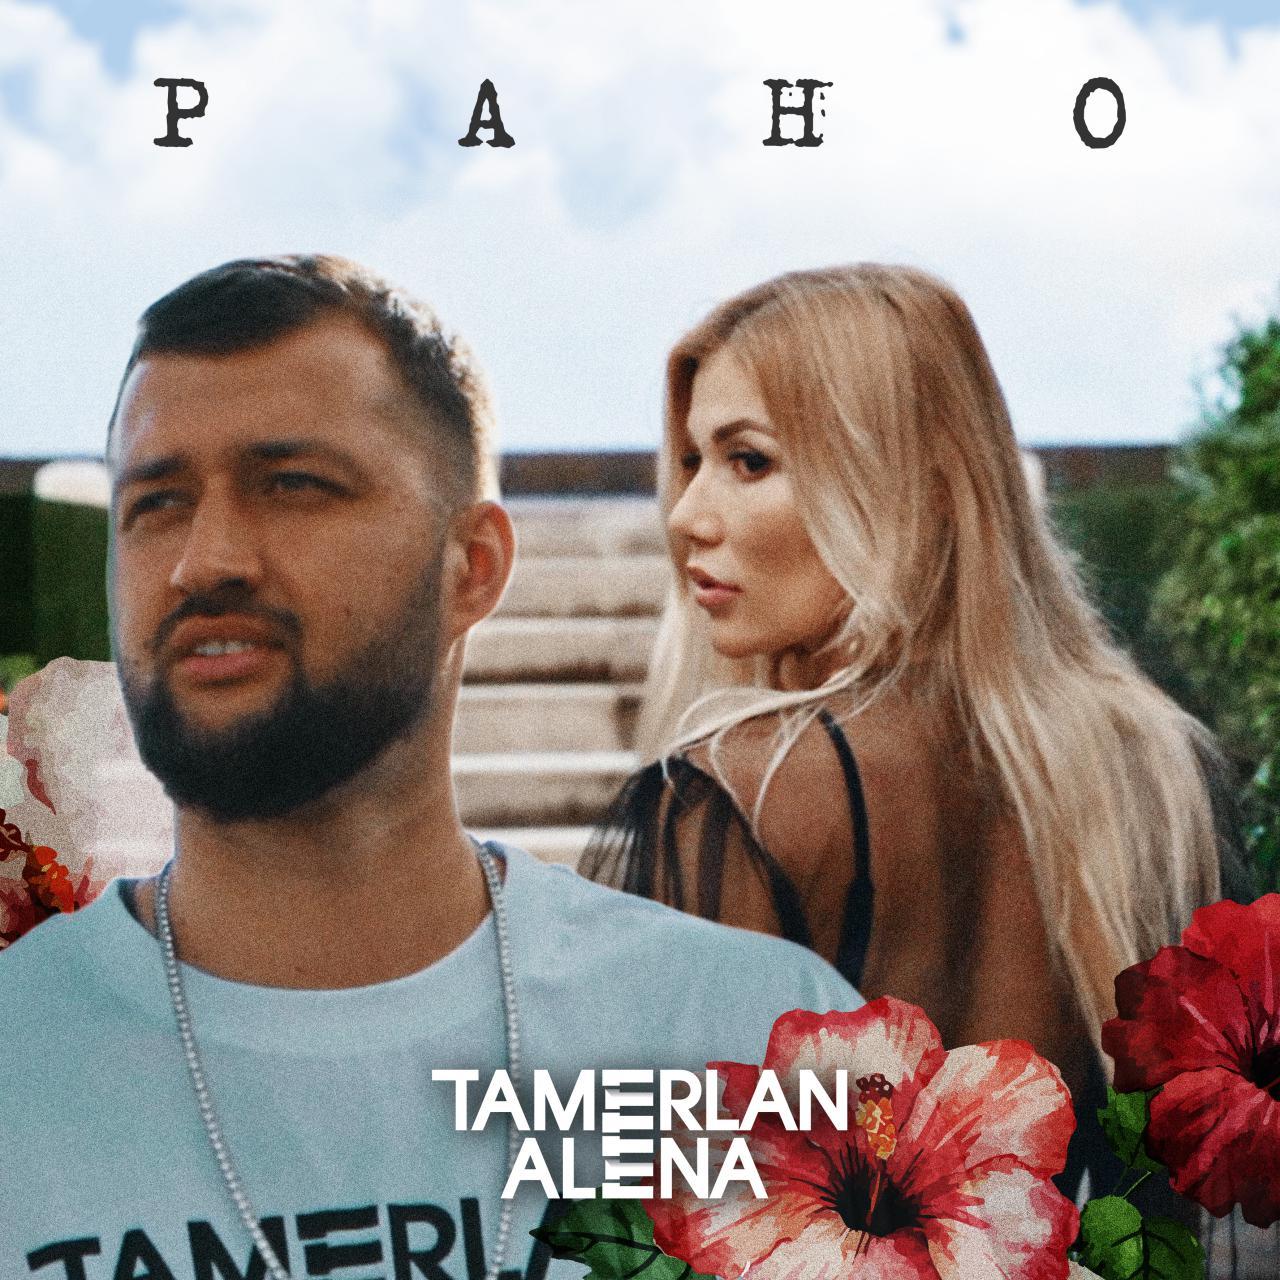 Алена Омаргалиева показала соблазнительную фигуру в новом клипе TamerlanAlena «Рано»